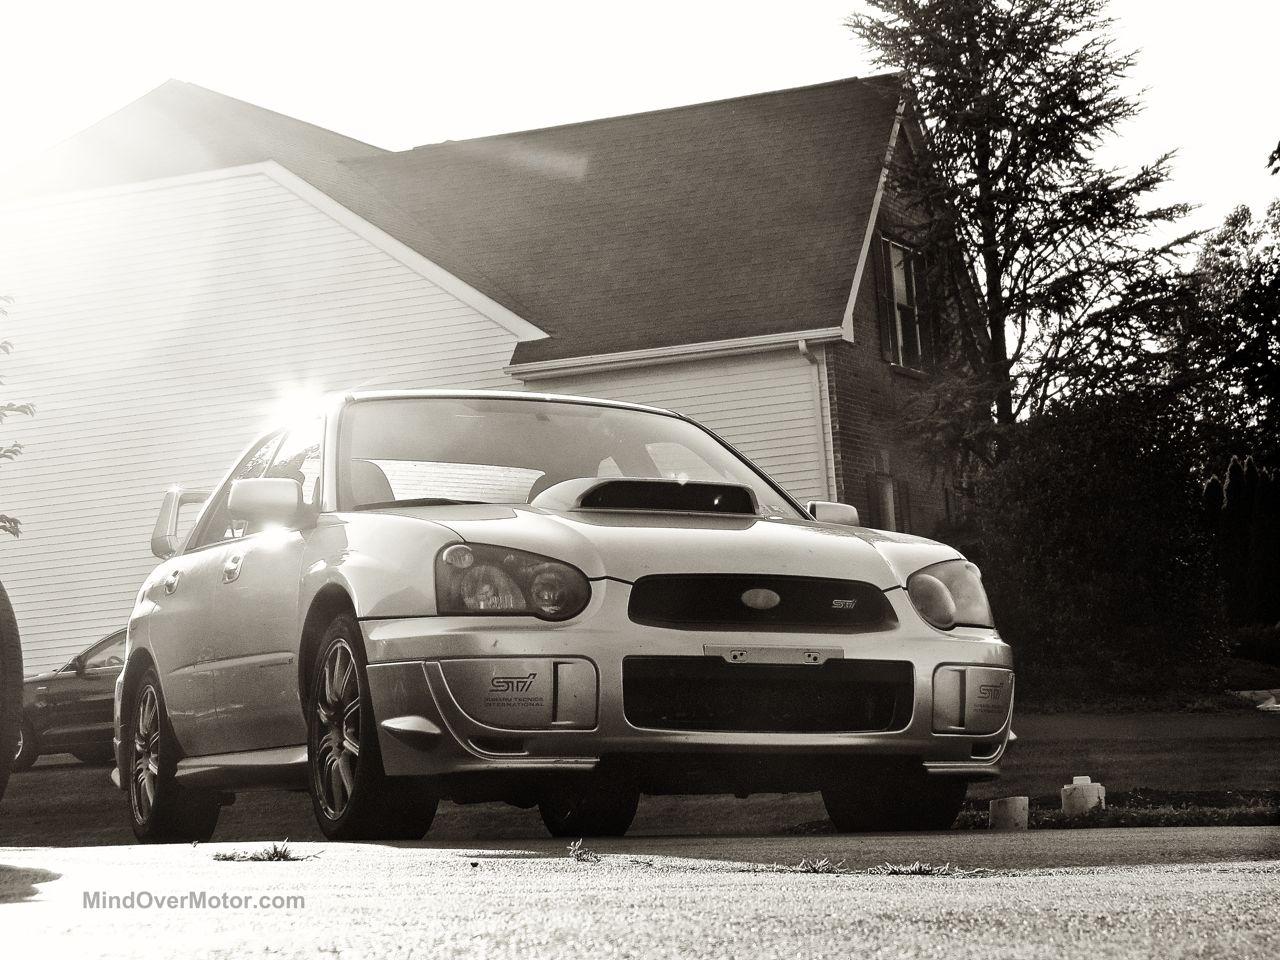 Subaru STI Glow